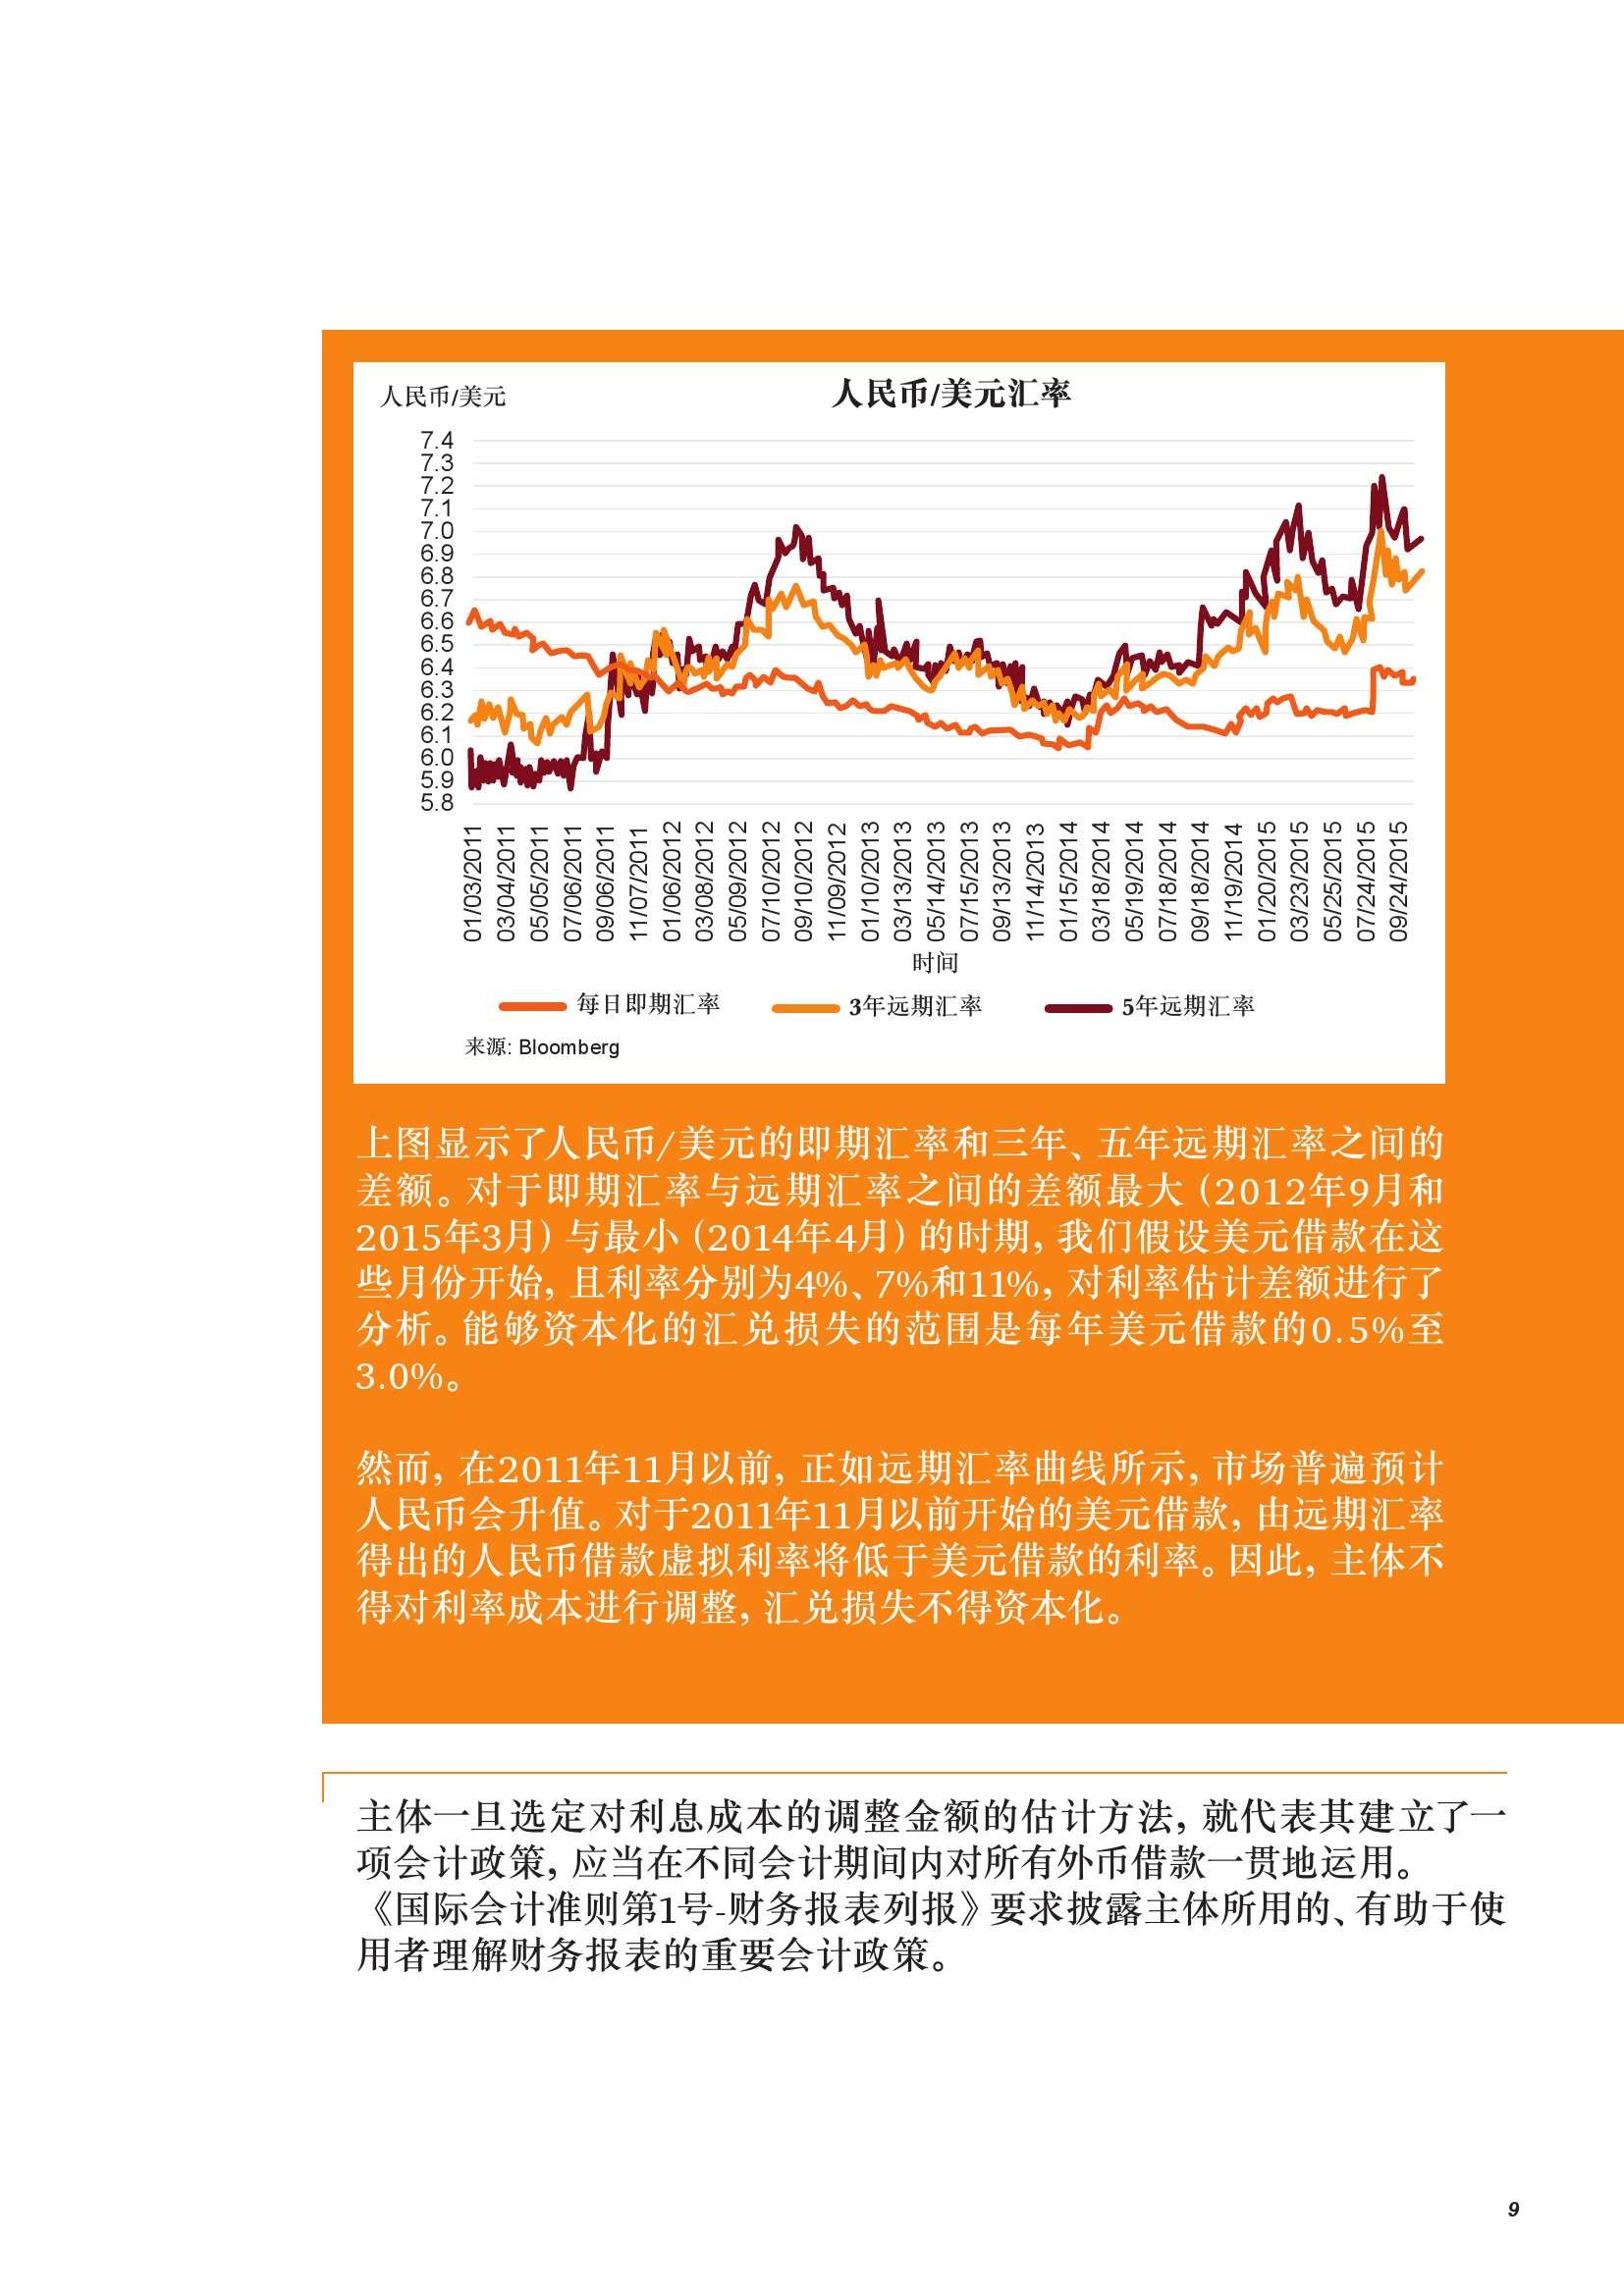 人民币贬值引发的外币借款汇兑损失资本化_000011